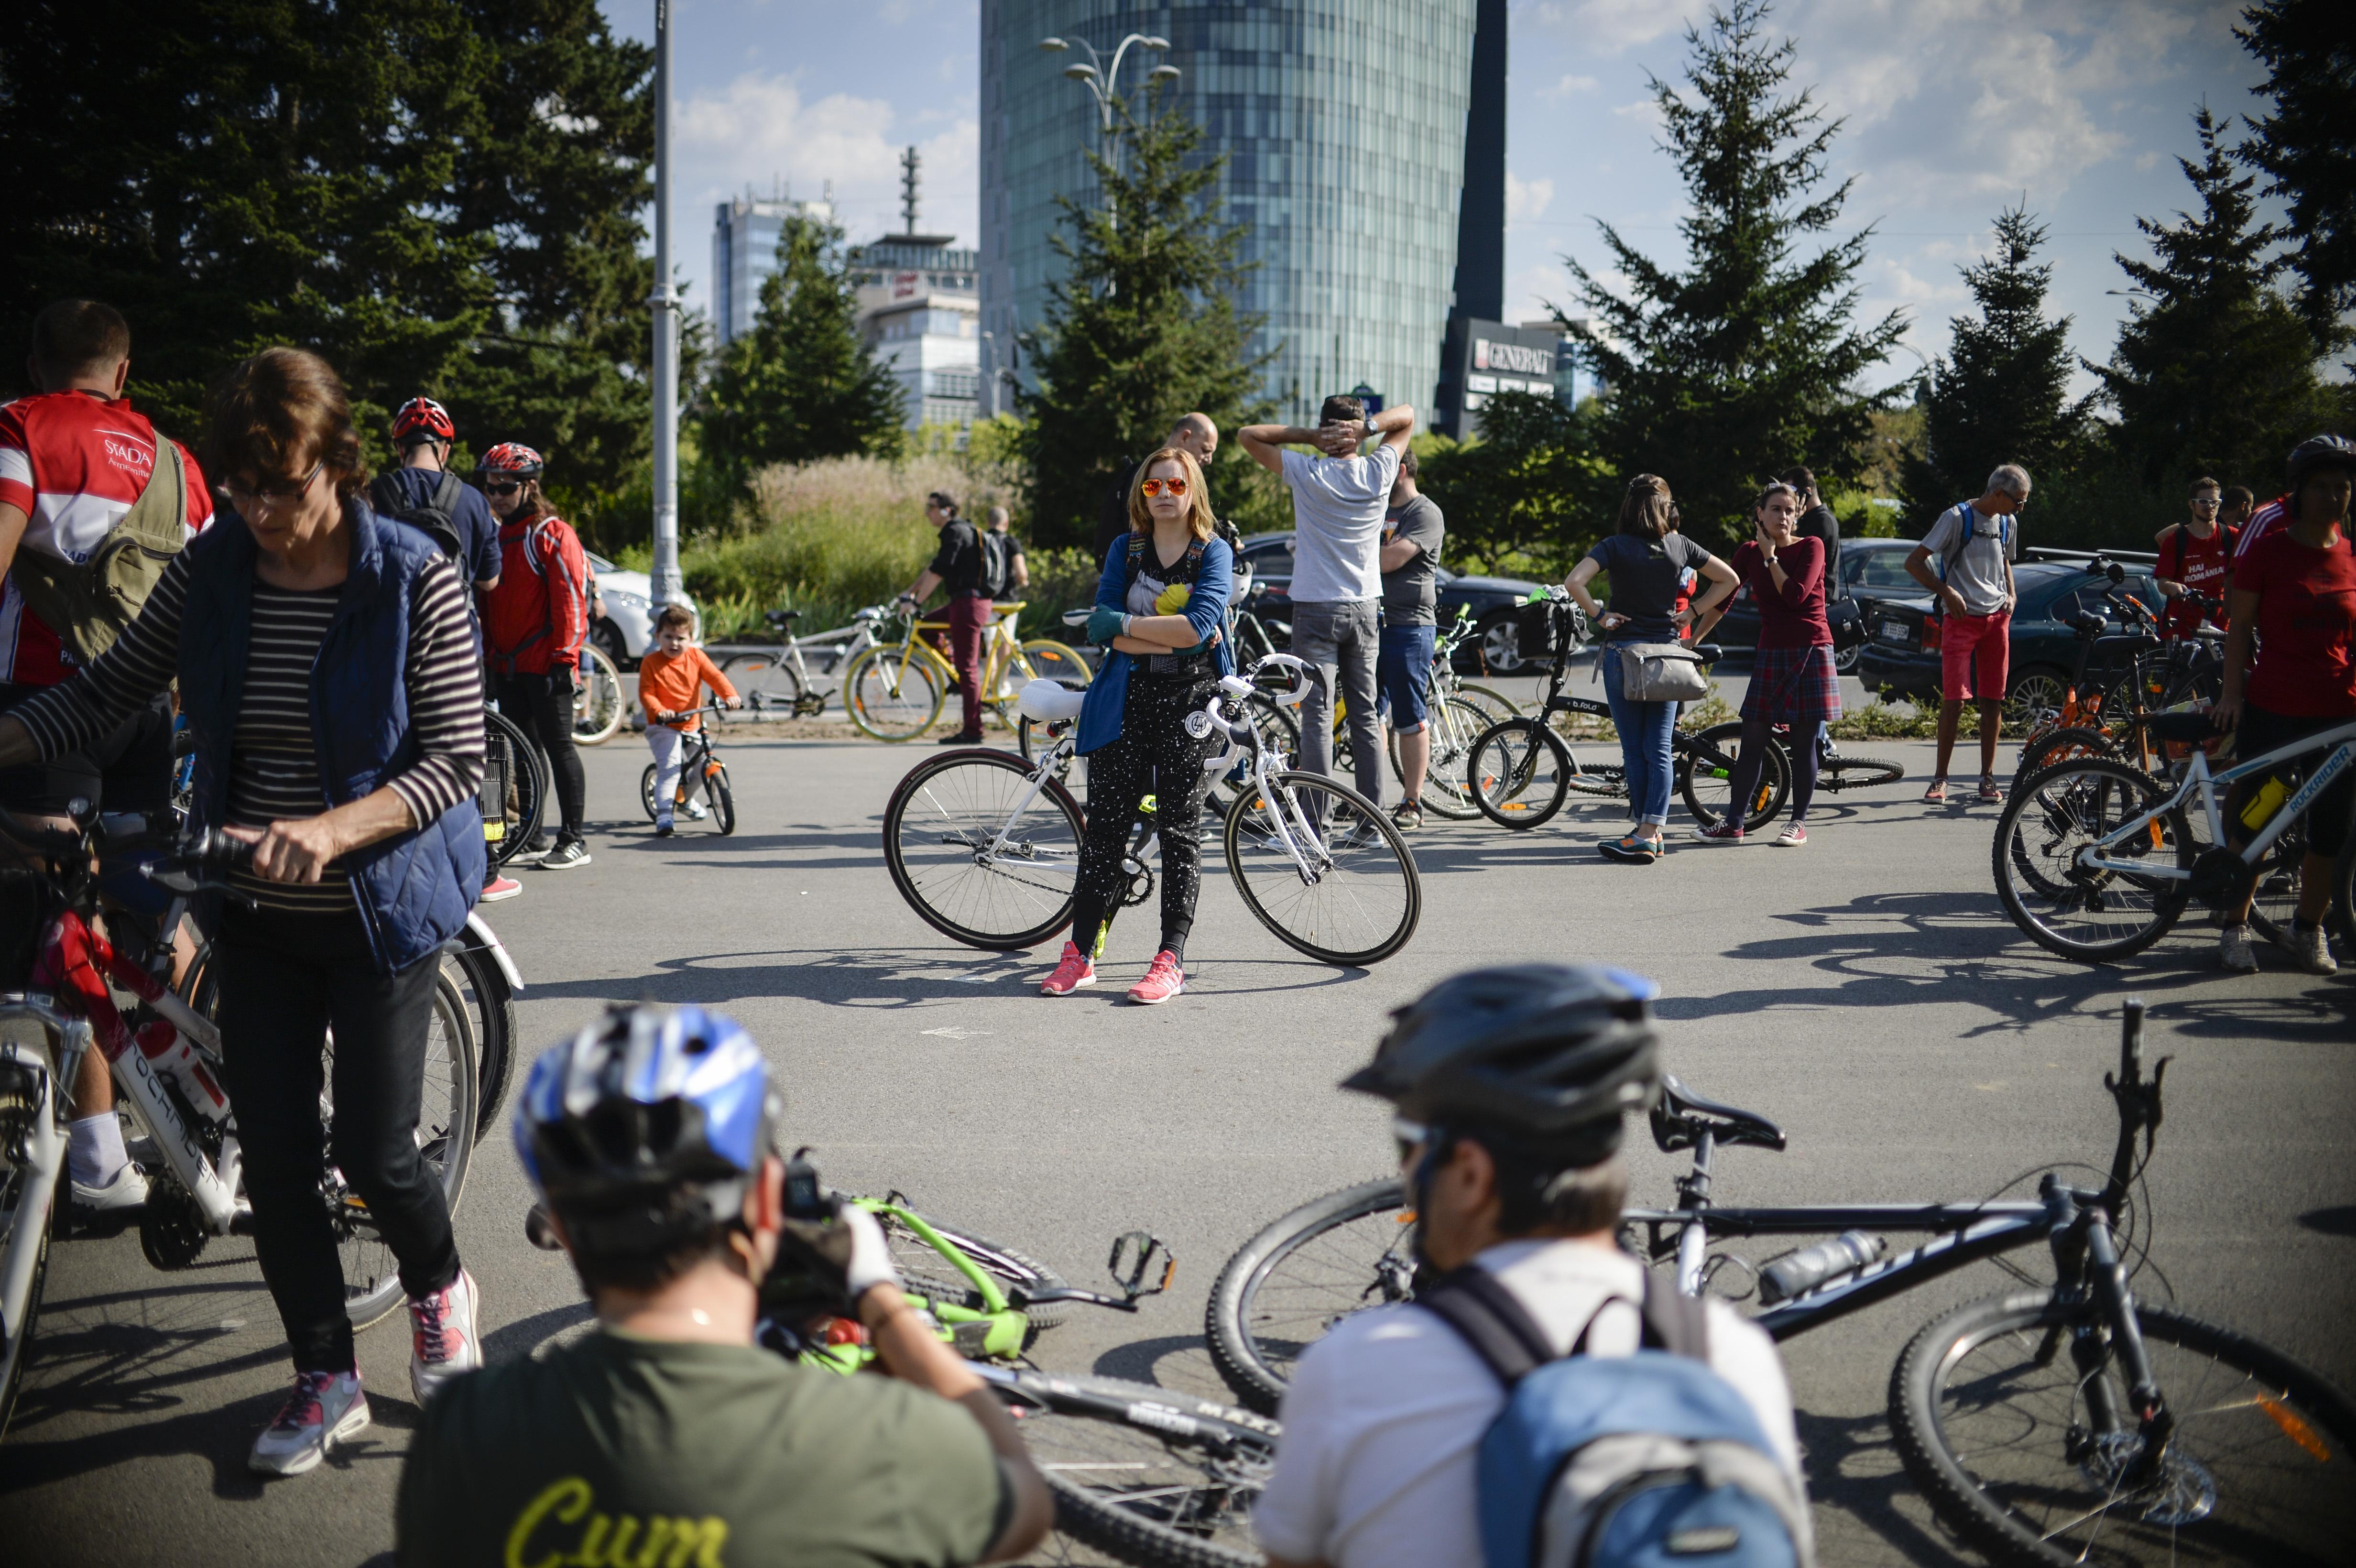 Până pe 8 februarie, beneficiarii voucherelor pentru biciclete îşi pot actualiza datele